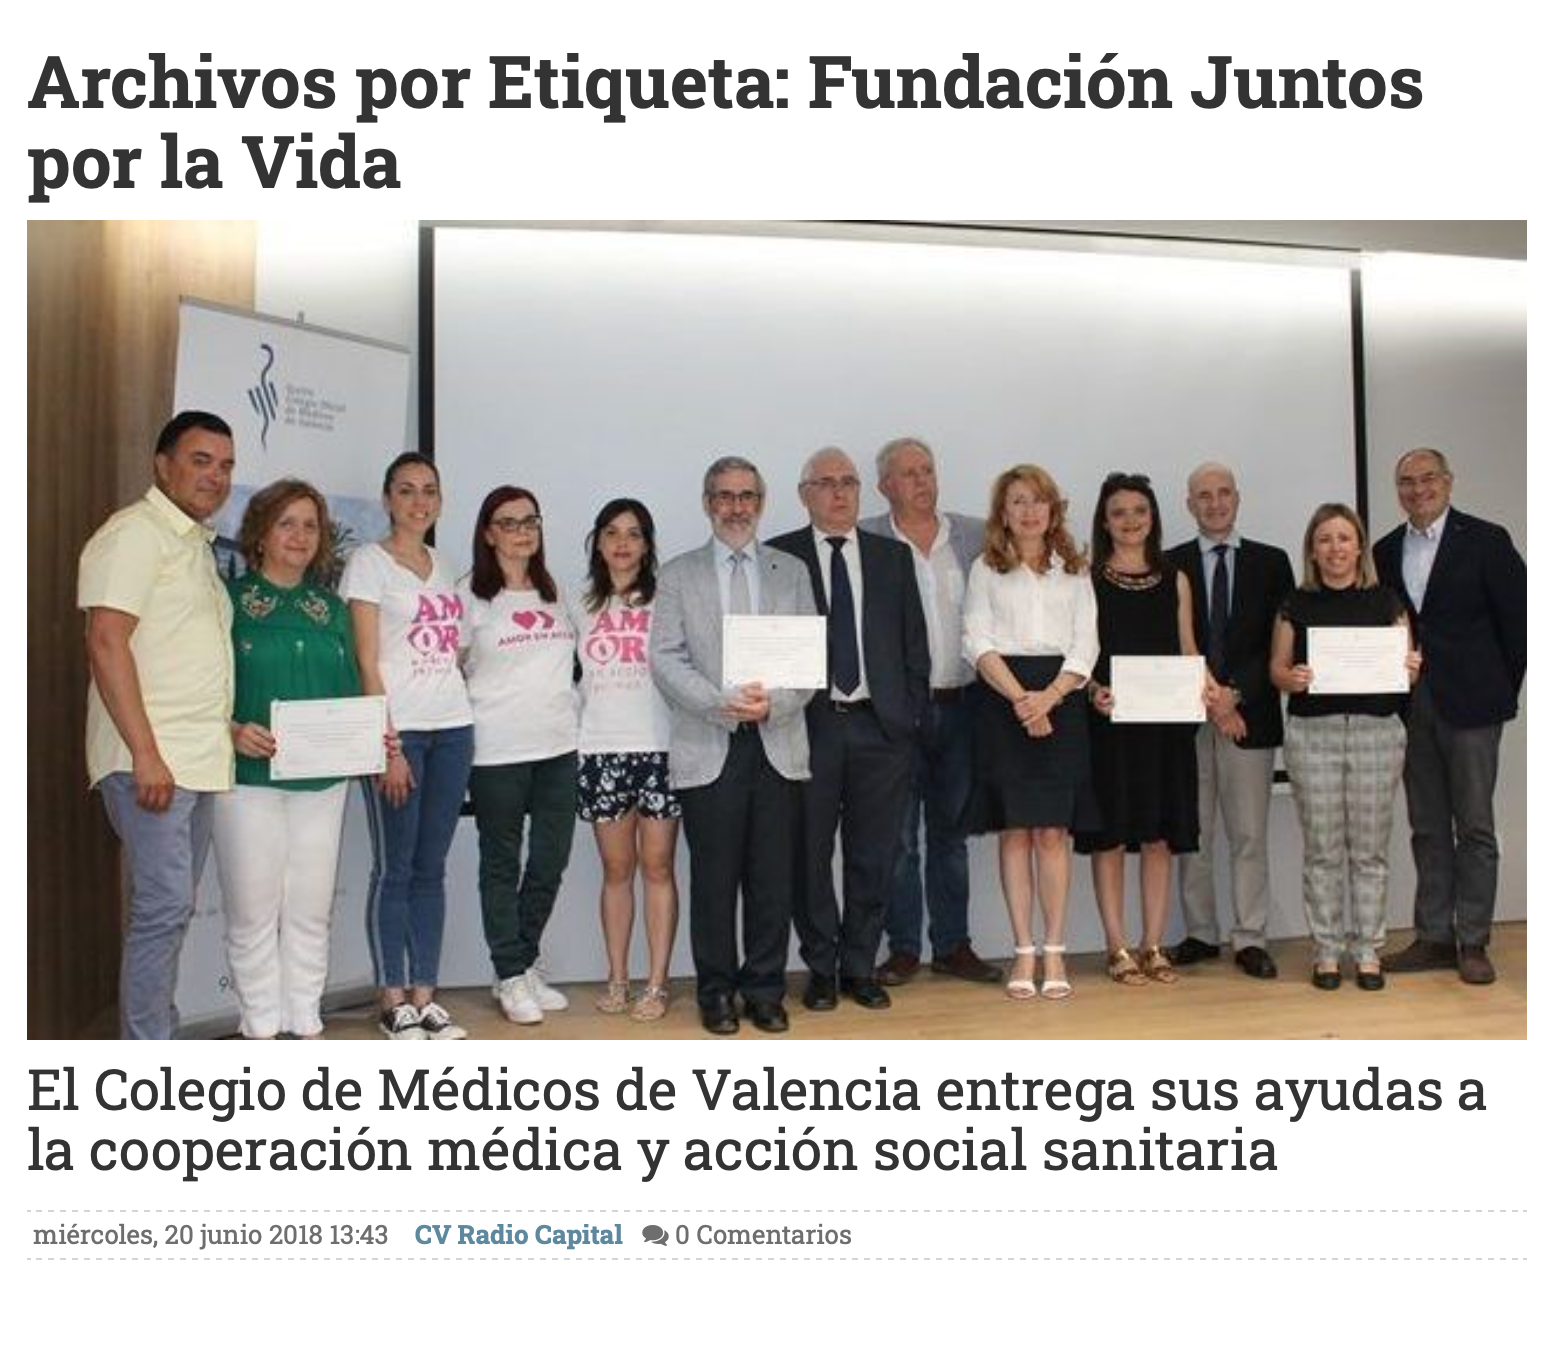 El Colegio de Médicos entrega ayuda de Cooperación Médica. CV Radio